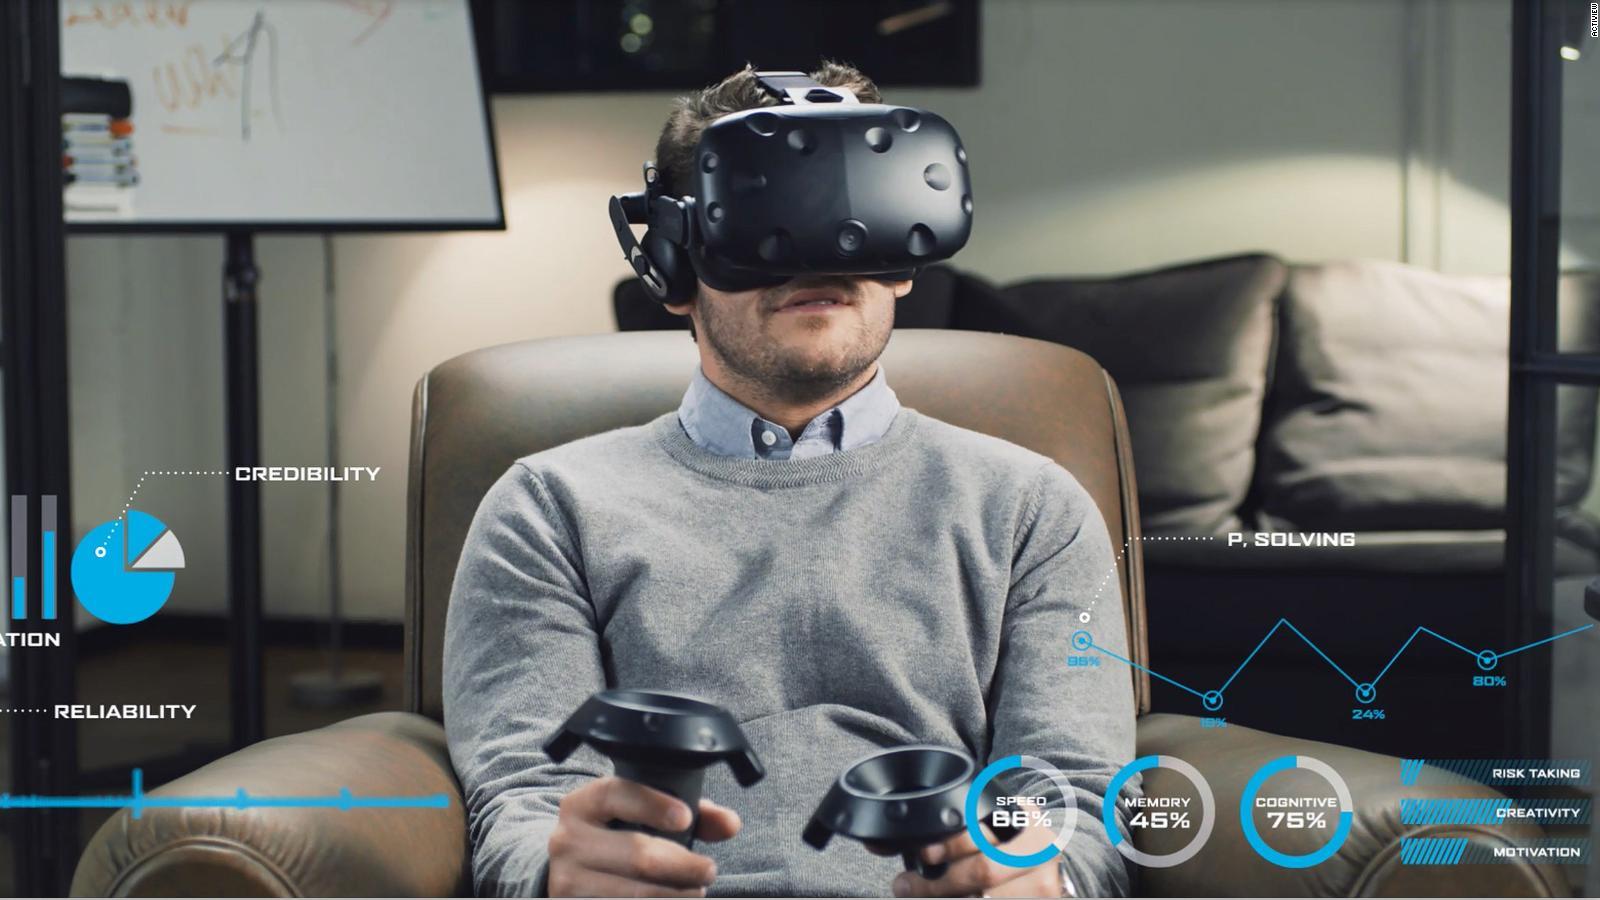 Junger Mann nutzt eine VR-Brille, um sich über einen Job zu informieren.